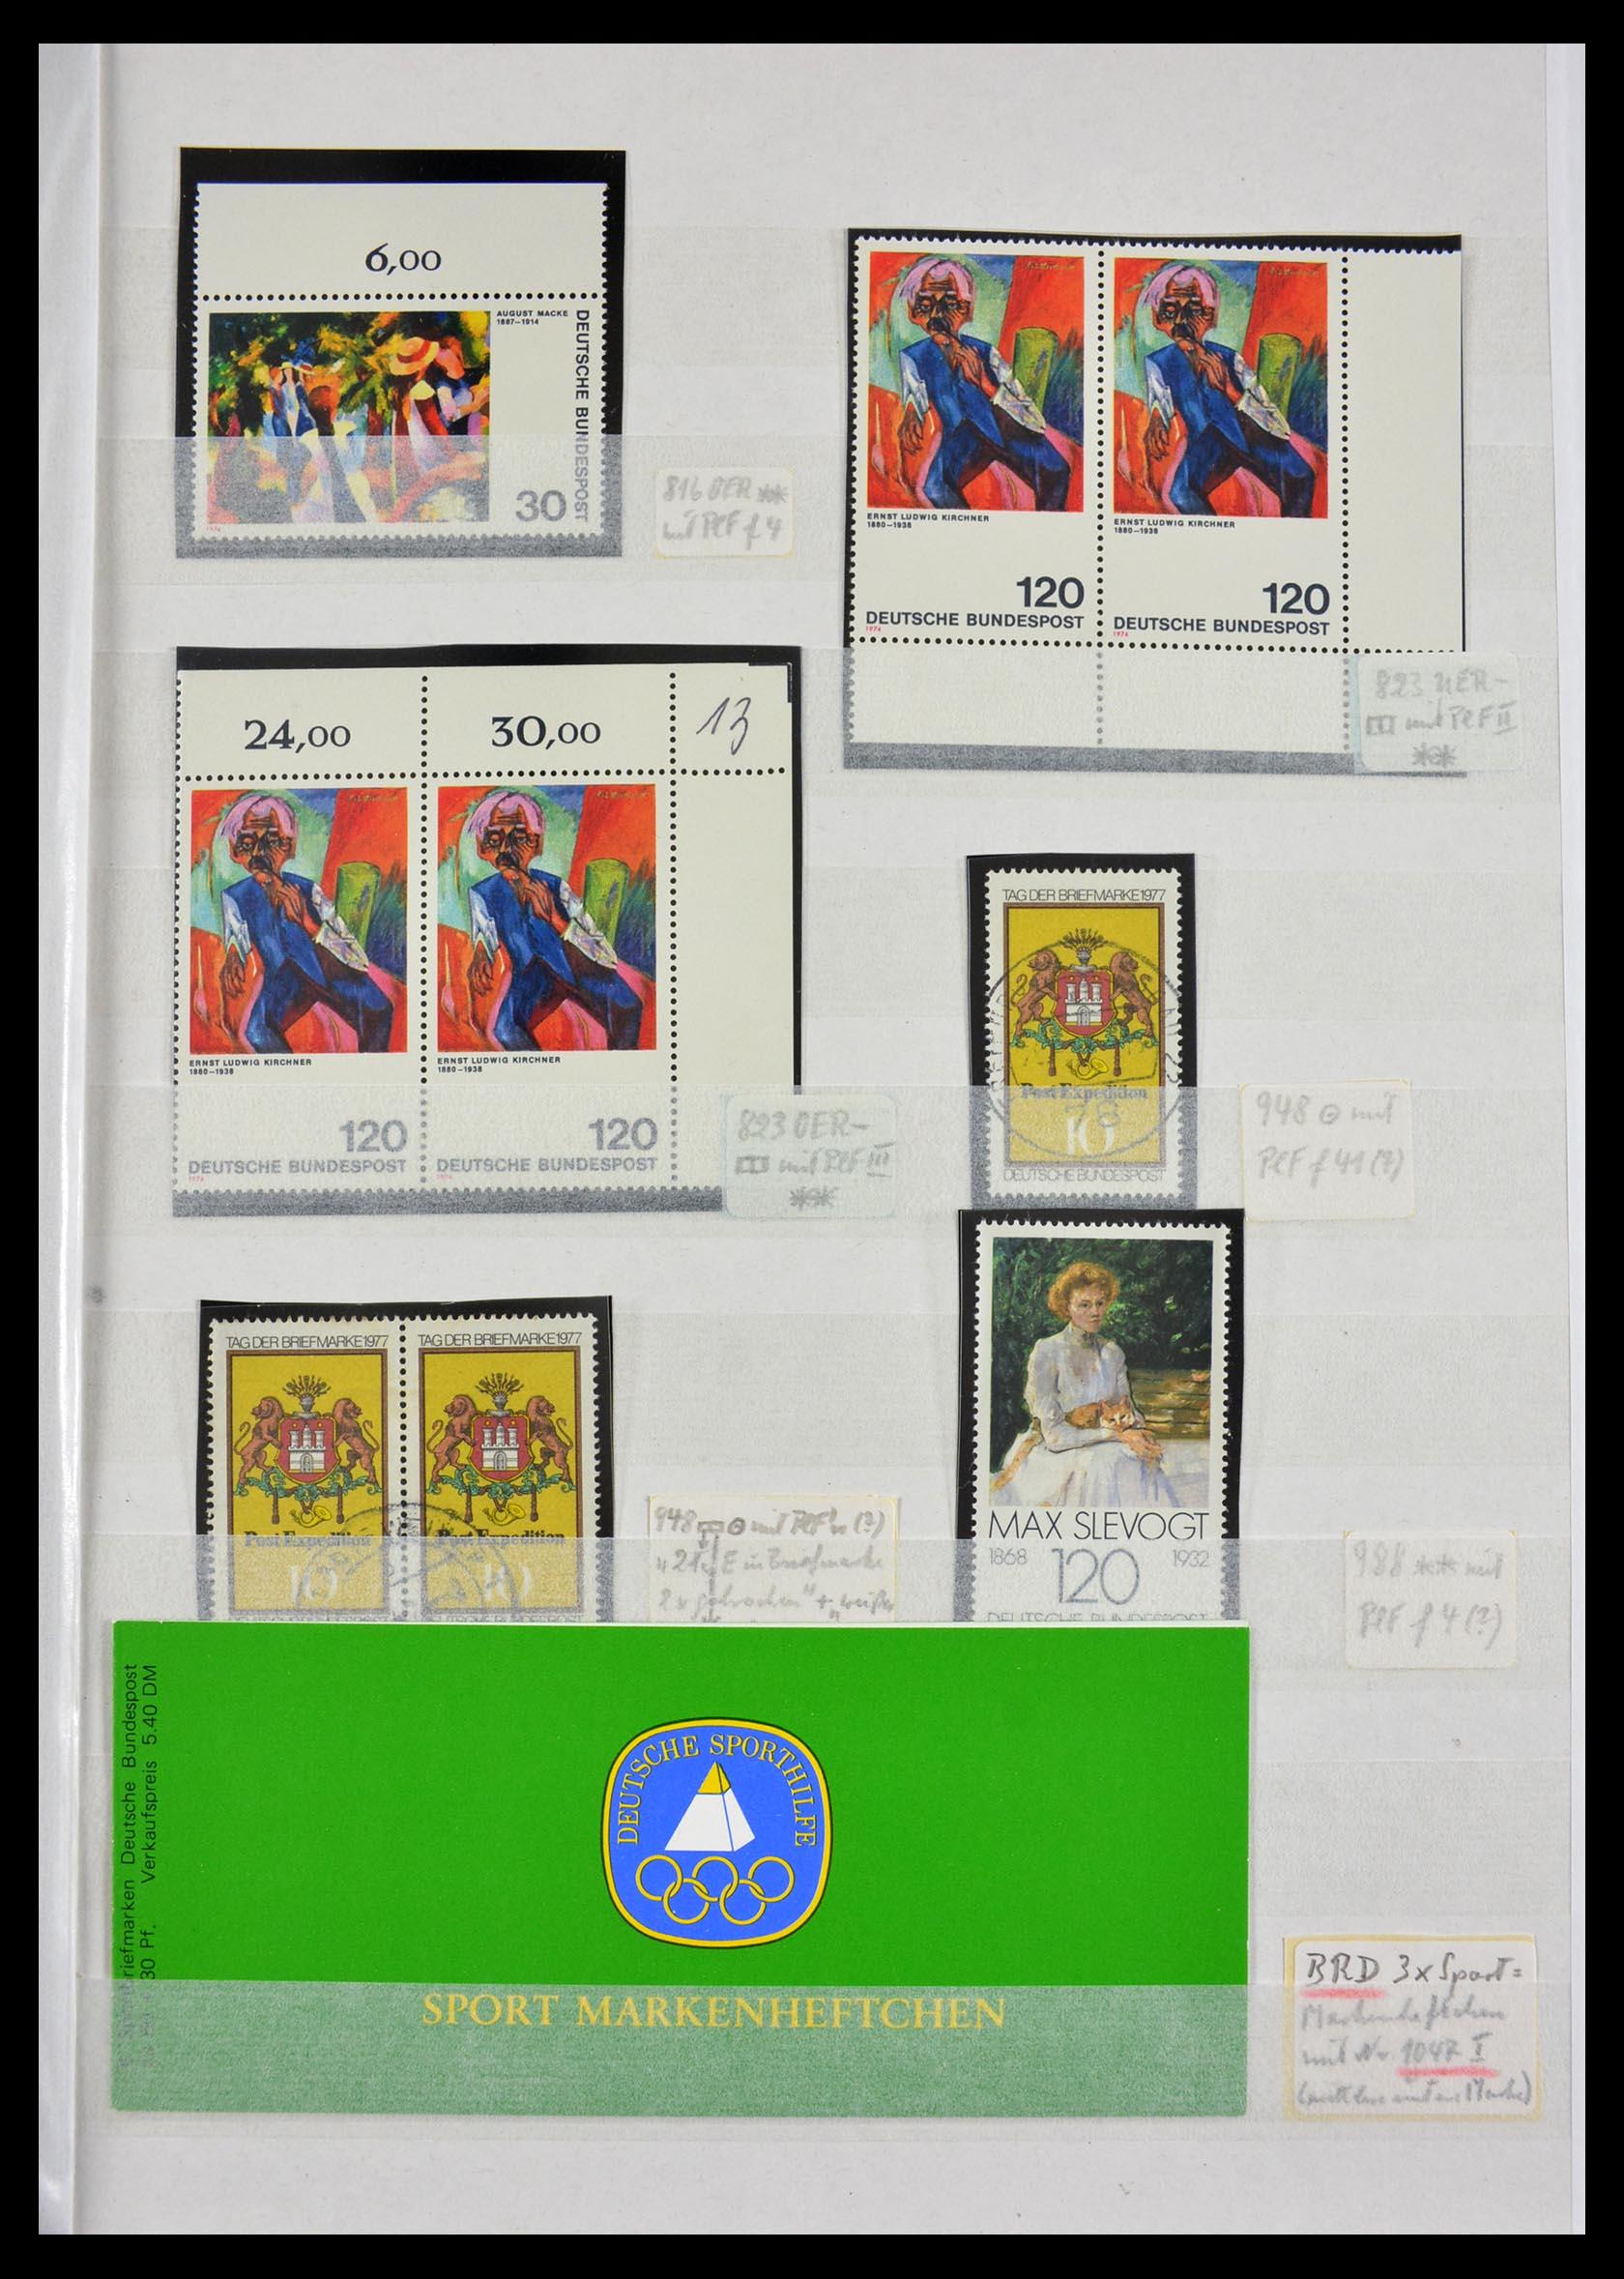 29491 003 - 29491 Bundespost plateflaws 1957-1994.